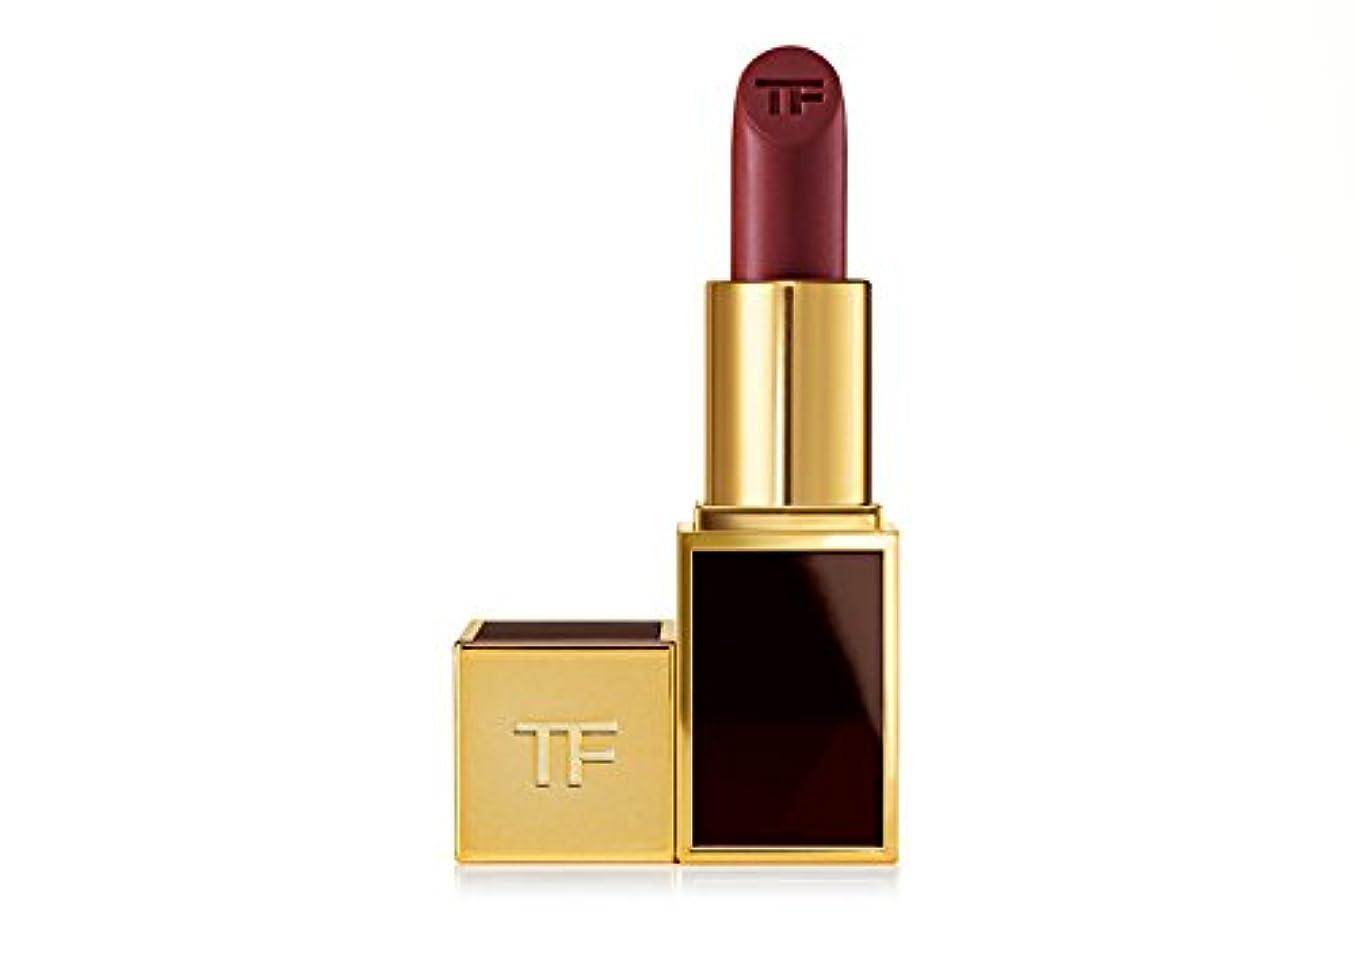 通り抜けるのホストピンポイントトムフォード リップス アンド ボーイズ 8 レッズ リップカラー 口紅 Tom Ford Lipstick 8 REDS Lip Color Lips and Boys (#40 Leonardo レオナルド) [並行輸入品]